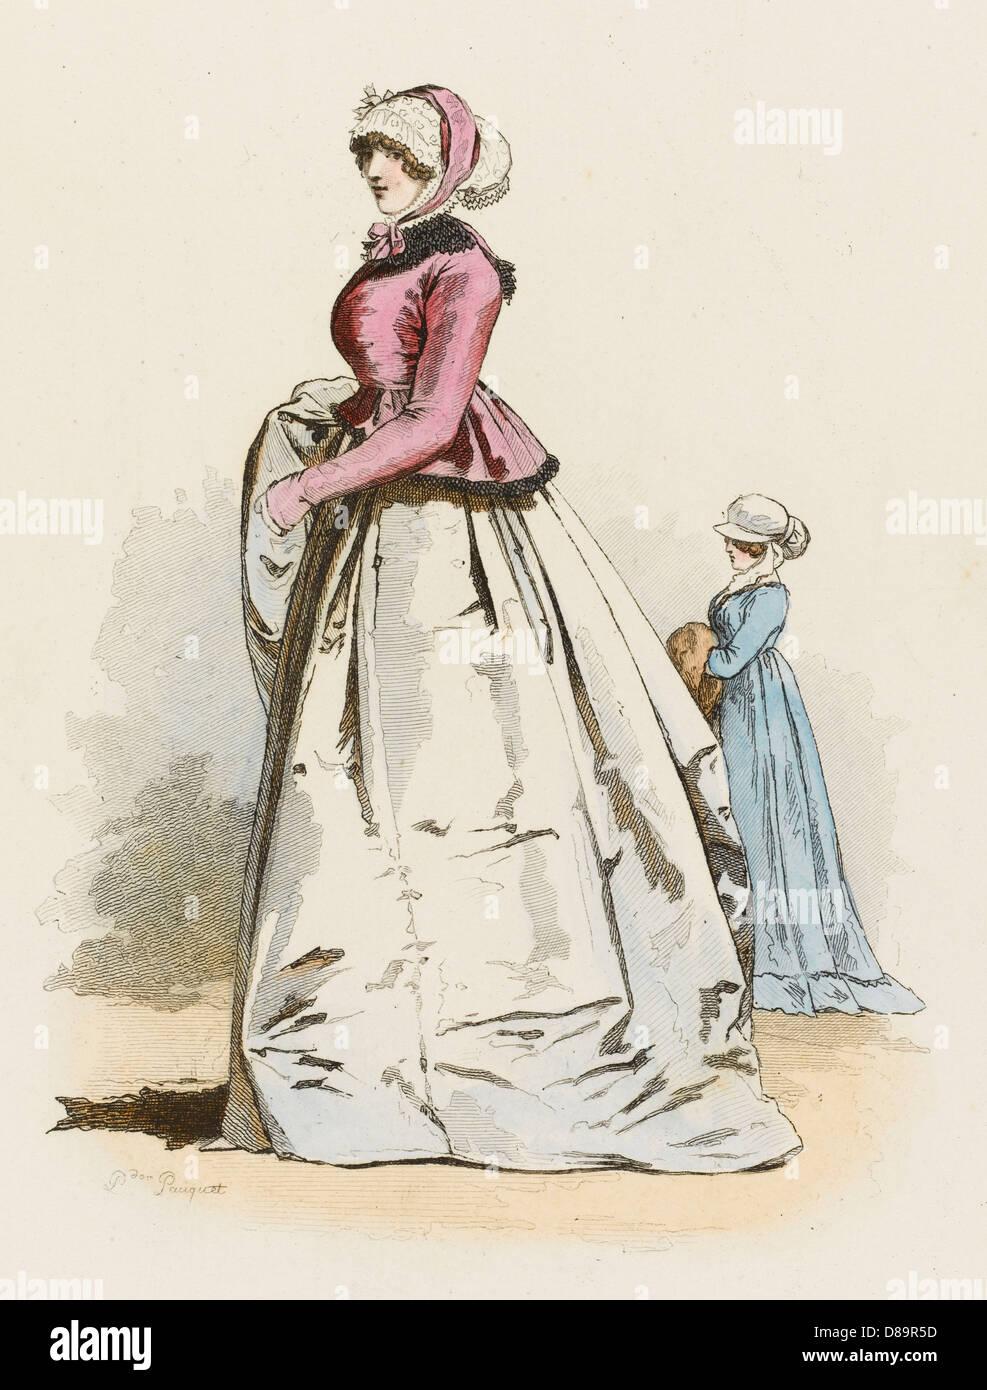 Englishwomen 1800 - Stock Image